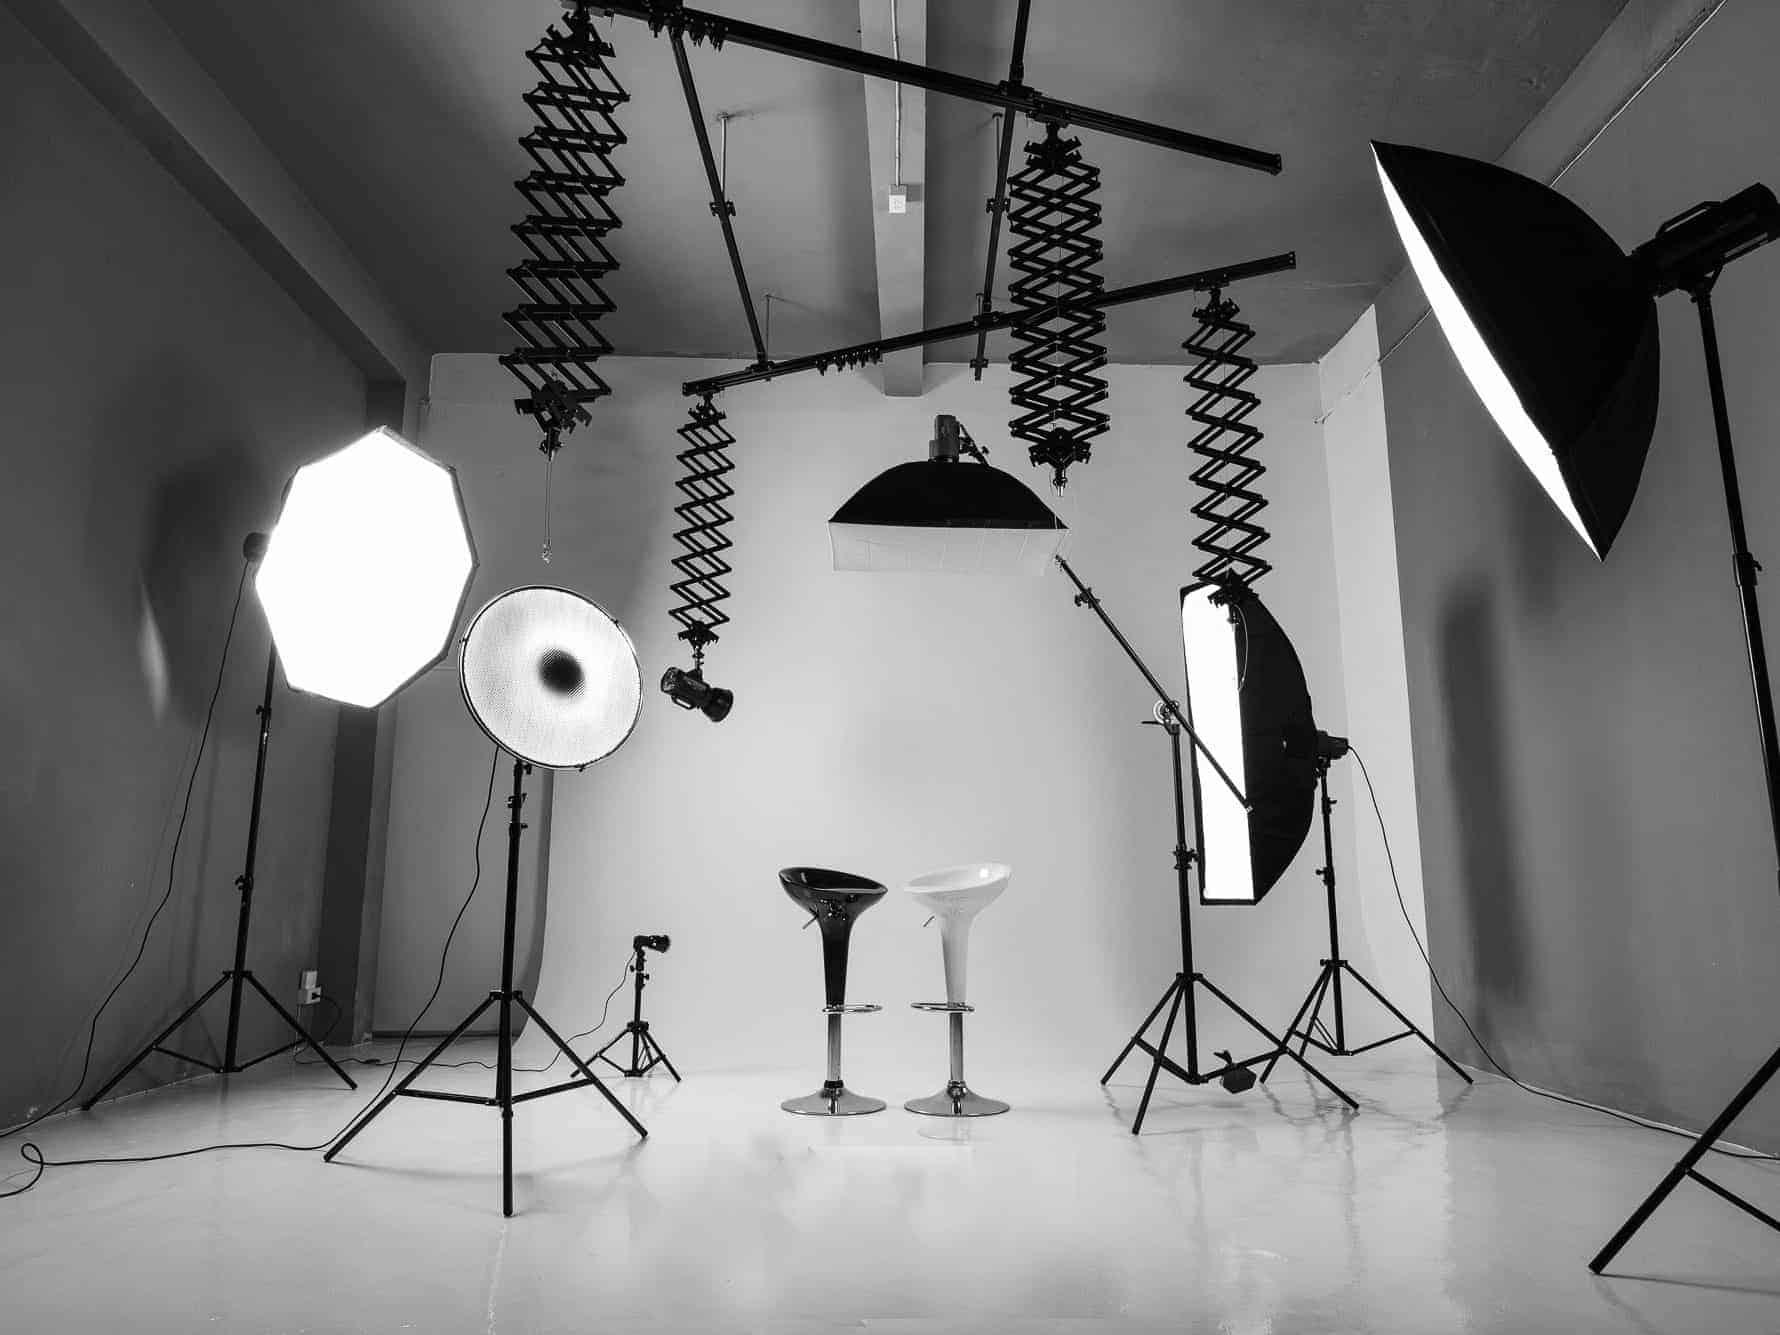 تجهیزات عکاسی صنعتی | استودیو عکاسی صنعتی ناین | آموزش عکاسی صنعتی | آموزش عکاسی صنعتی مقدماتی | آموزش عکاسی صنعتی به صورت خصوصی و گروهی | آموزش عکاسی تبلیغاتی حرفه ای در استودیو ناین